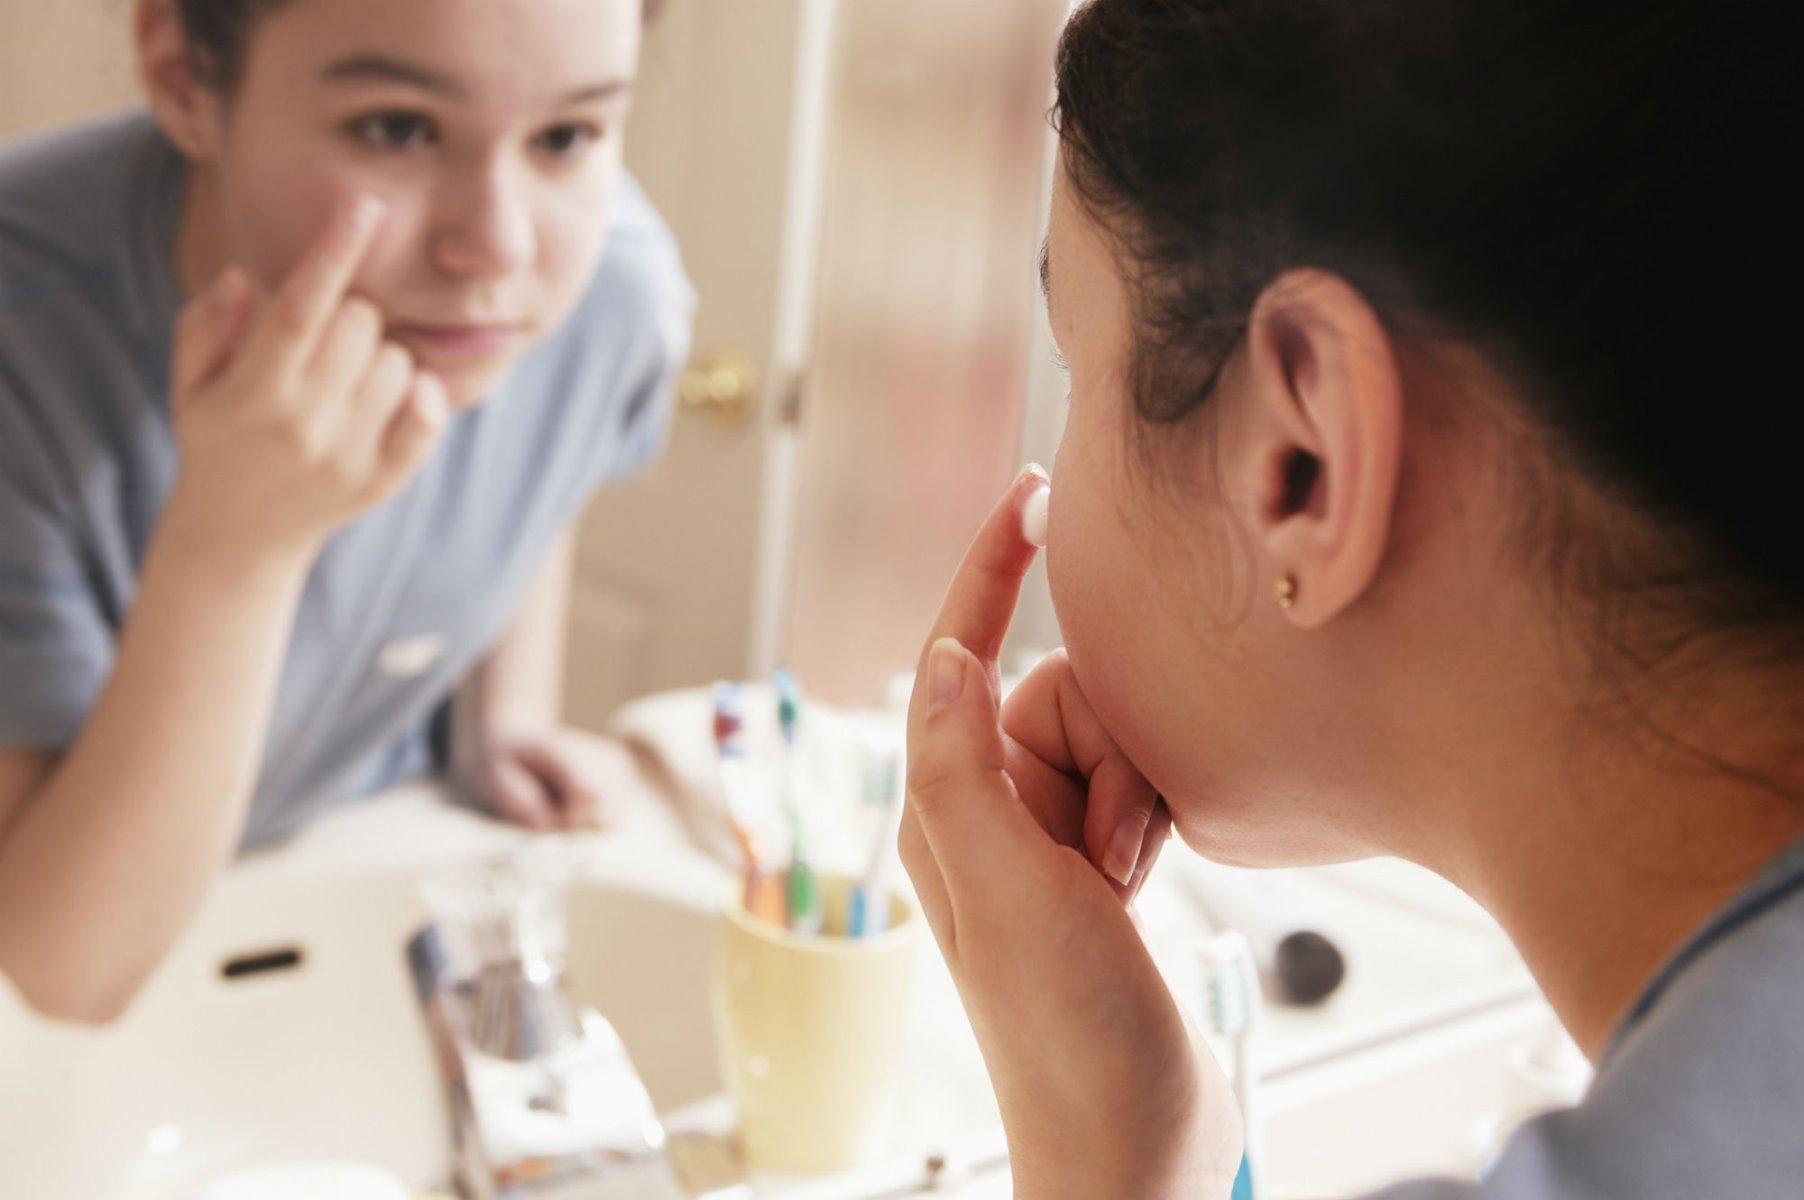 Sử dụng kem trị mụn Ducray Keracnyl PP Anti-blemish Soothing Cream lên vùng da bị mụn (Nguồn: Internet)